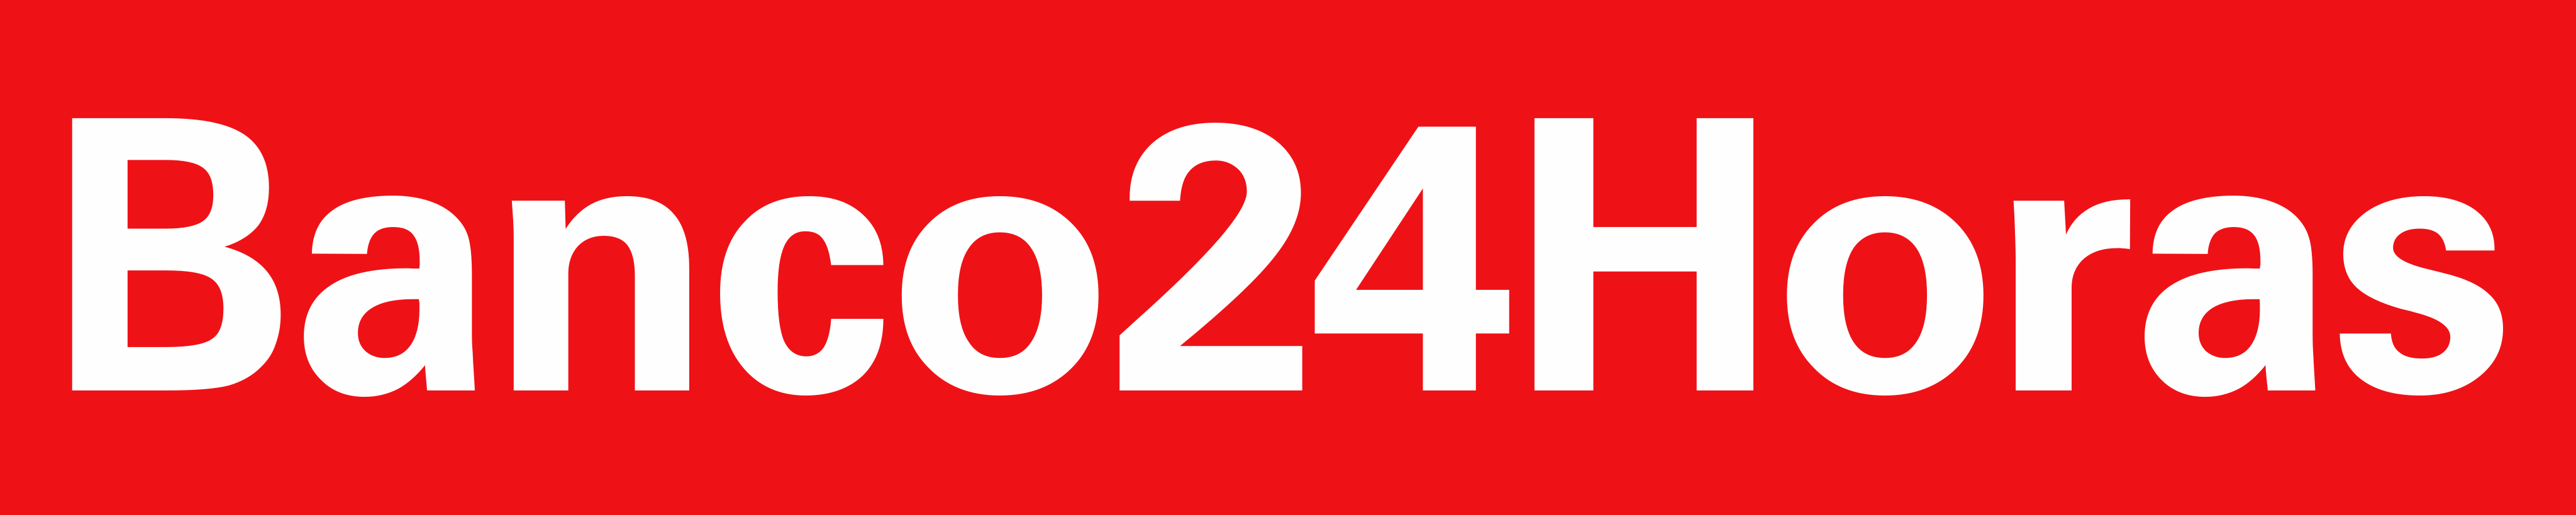 banco 24 horas logo - Banco24Horas Logo